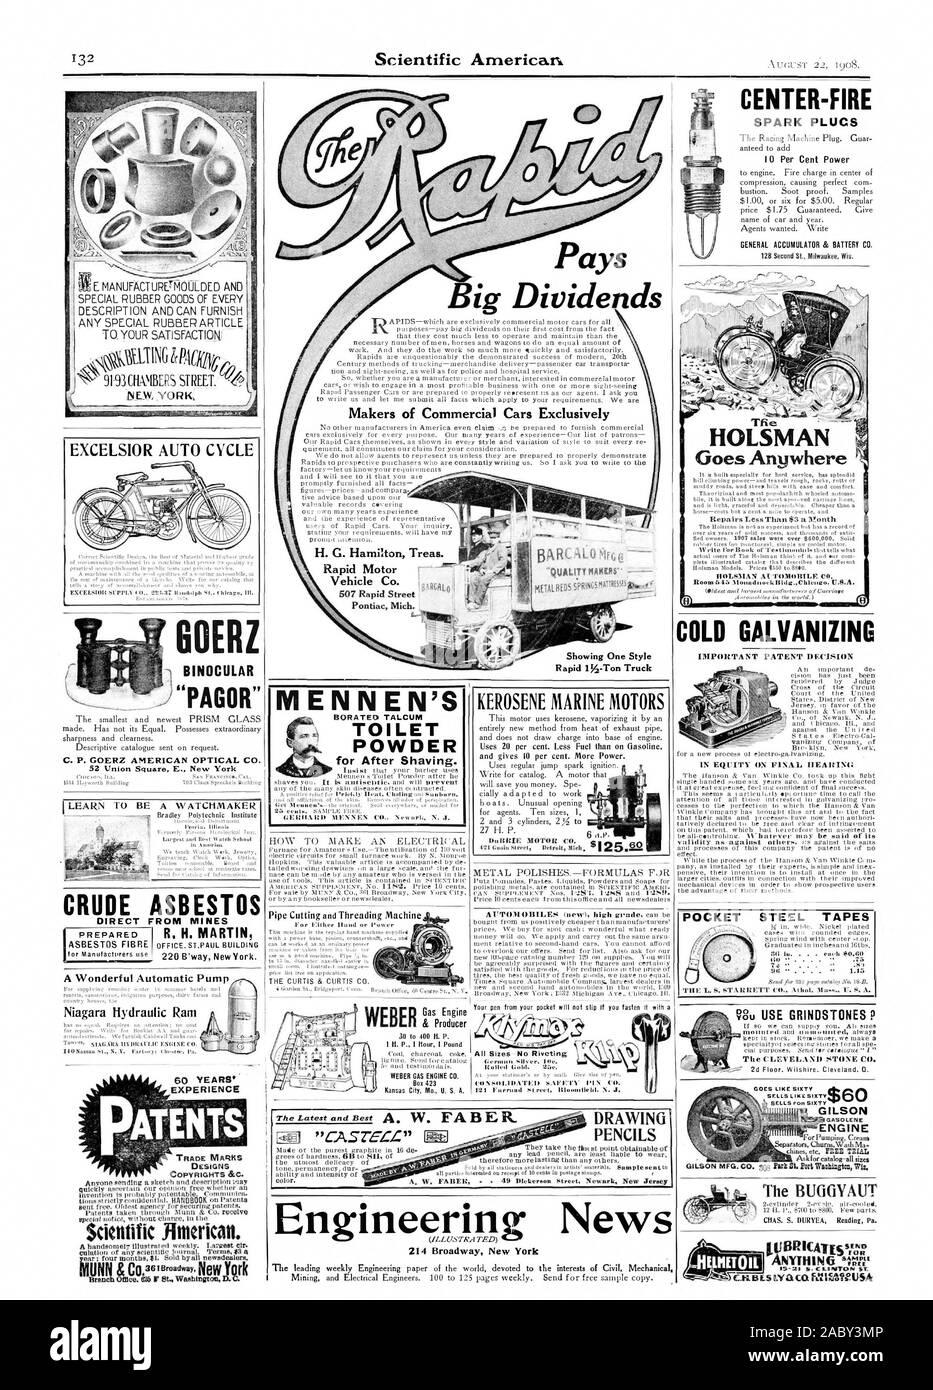 Paga Gran División ds CENTRO-FIRE SPARK PLUCS H. G. Hamilton Treas. Fabricantes de automóviles comerciales exclusivamente EXCELSIOR CICLO AUTOMÁTICO C. P. GOERZ AMERICAN OPTICAL CO. CRUDO DIRECTAMENTE DESDE LAS MINAS de asbesto una maravillosa Bomba Automática Niagara ariete hidráulico experiencia patentes, diseños de autor &C. Scitatific americano. Motor de gas & Producer Tfie HOLSMAN le acompaña dondequiera que el C:LEVELANII PIEDRA CO VA COMO SESENTA GILSON GASOLENE separadores del motor ChurnsWash M. El BUGGYAUT lillYTHING 'ME' MENNEN'S BORATO° talco en polvo inodoro para después del afeitado. El queroseno MOTORES MARINOS POCKET CINTAS DE ACERO TIIE L. S.' UN EIZETT Aihnl Foto de stock